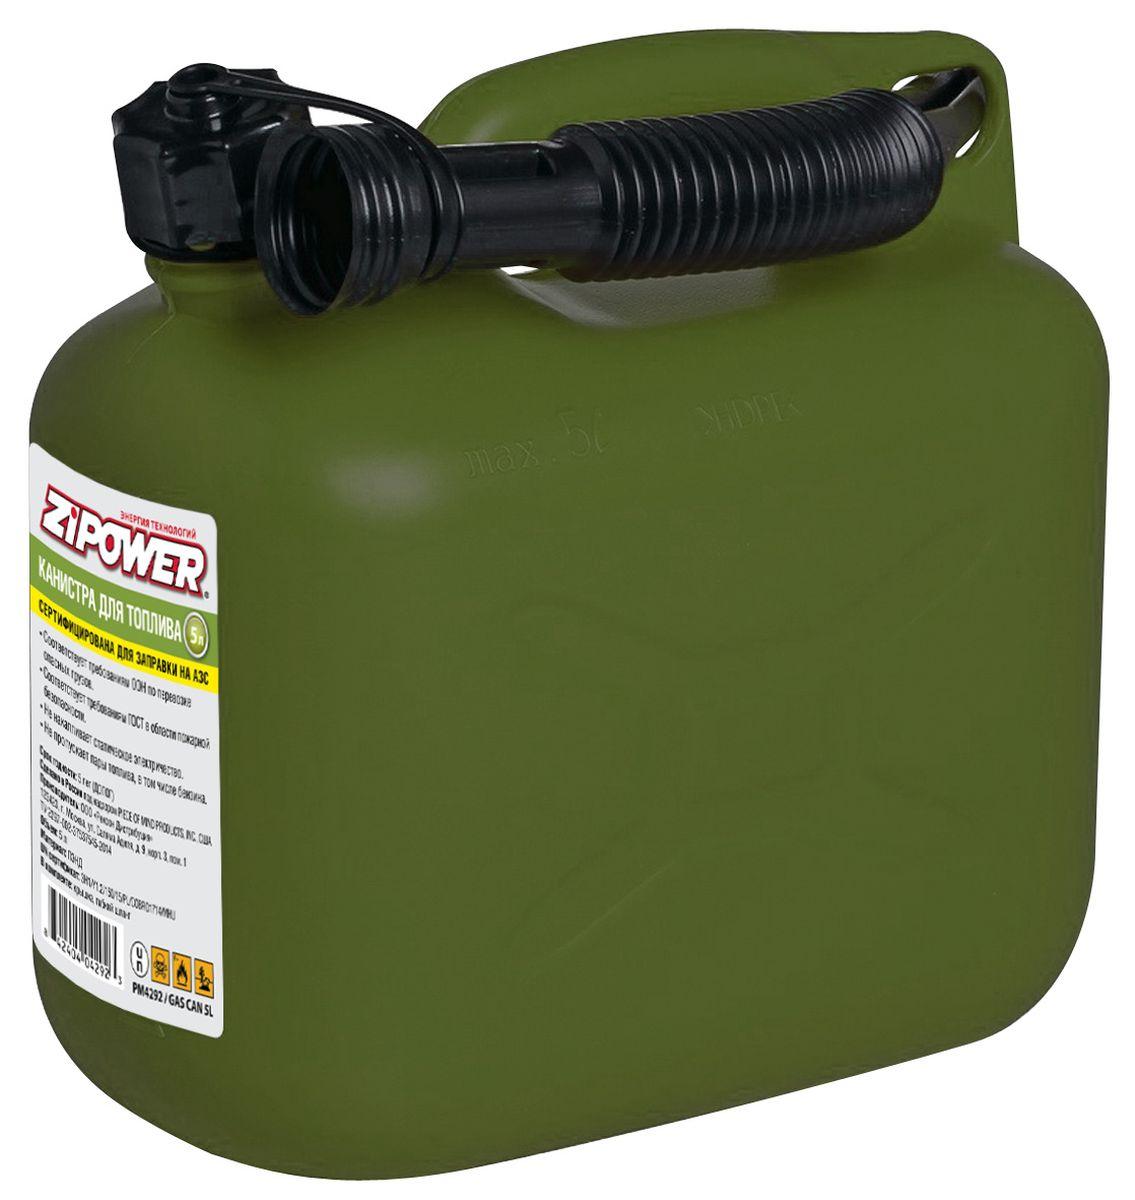 Канистра для топлива Zipower, цвет: оливковый, 5 лPM4292Канистры предназначены для хранения горюче-смазочных материалов. Канистры изготовлены из первичного сырья ПЭНД и не накапливают статический заряд. Товар имеет европейский сертификат соответствия 3H1/Y1.2/150/15/PL/COBR01714/MHU, который позволяет производить заливку бензина в канистру и контактировать с металлическим пистолетом на АЗС. Все канистры укомплектовываются крышкой и гибким шлангом.